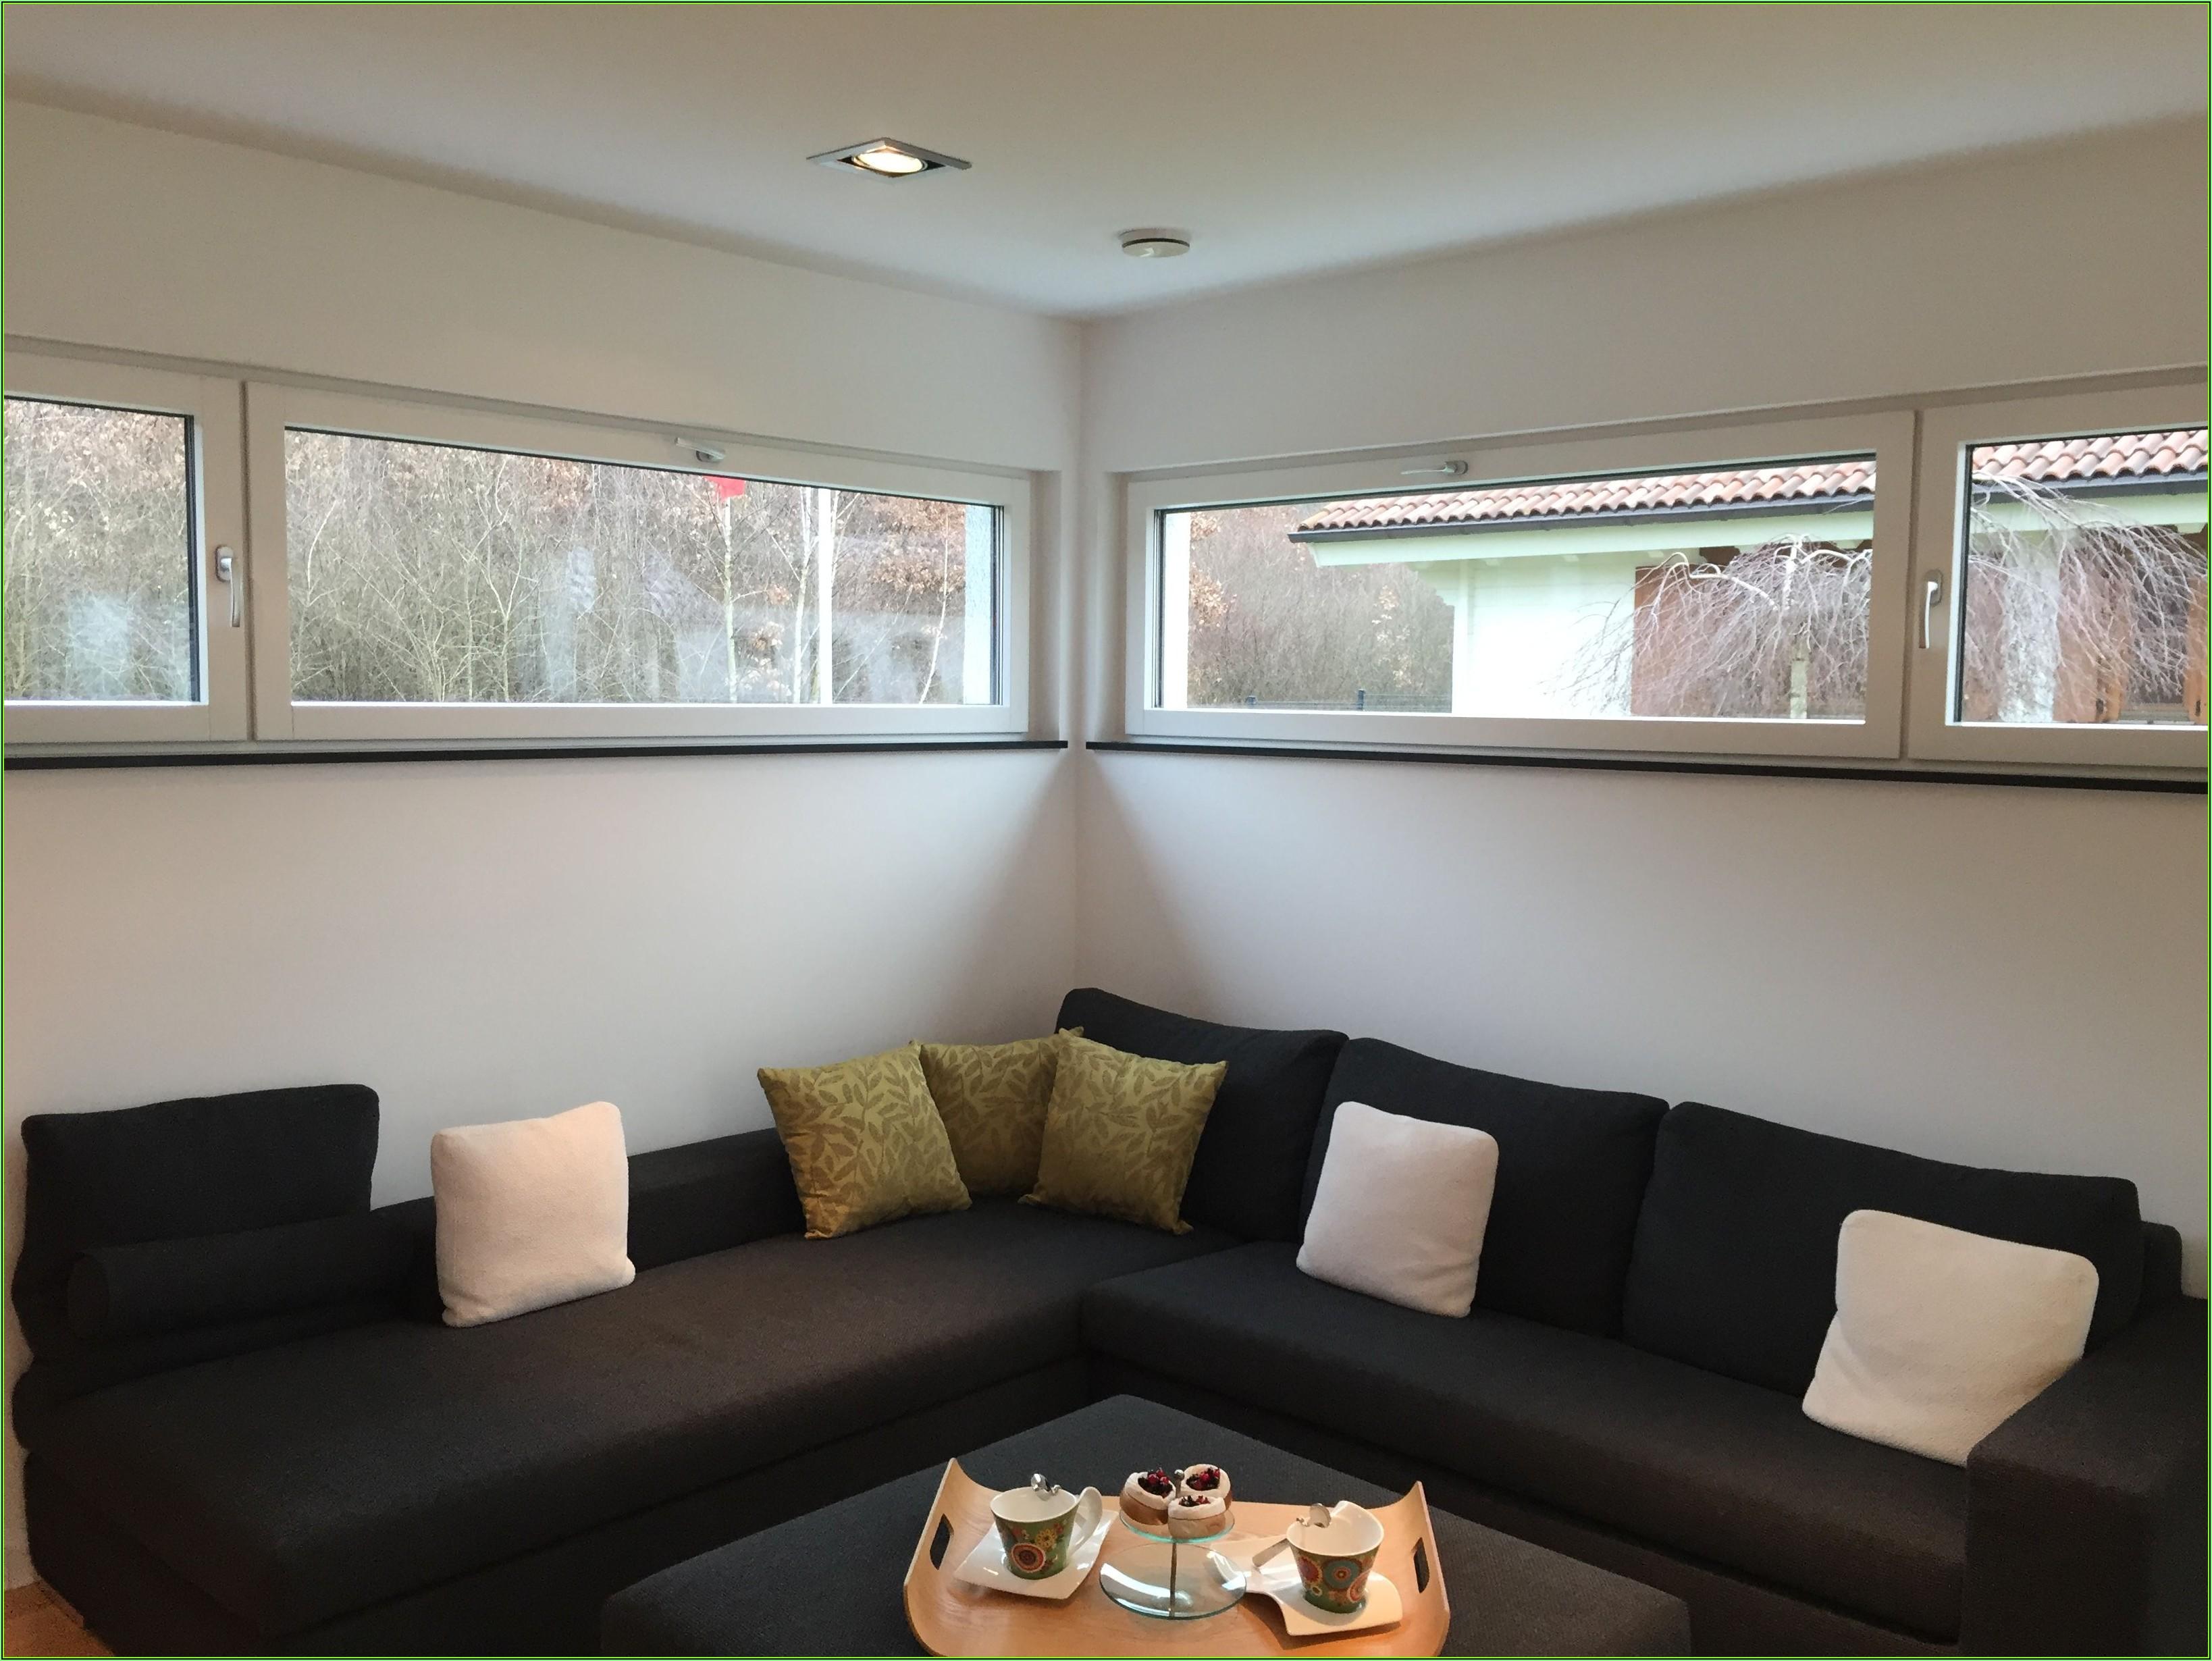 Bilder Wohnzimmer über Sofa